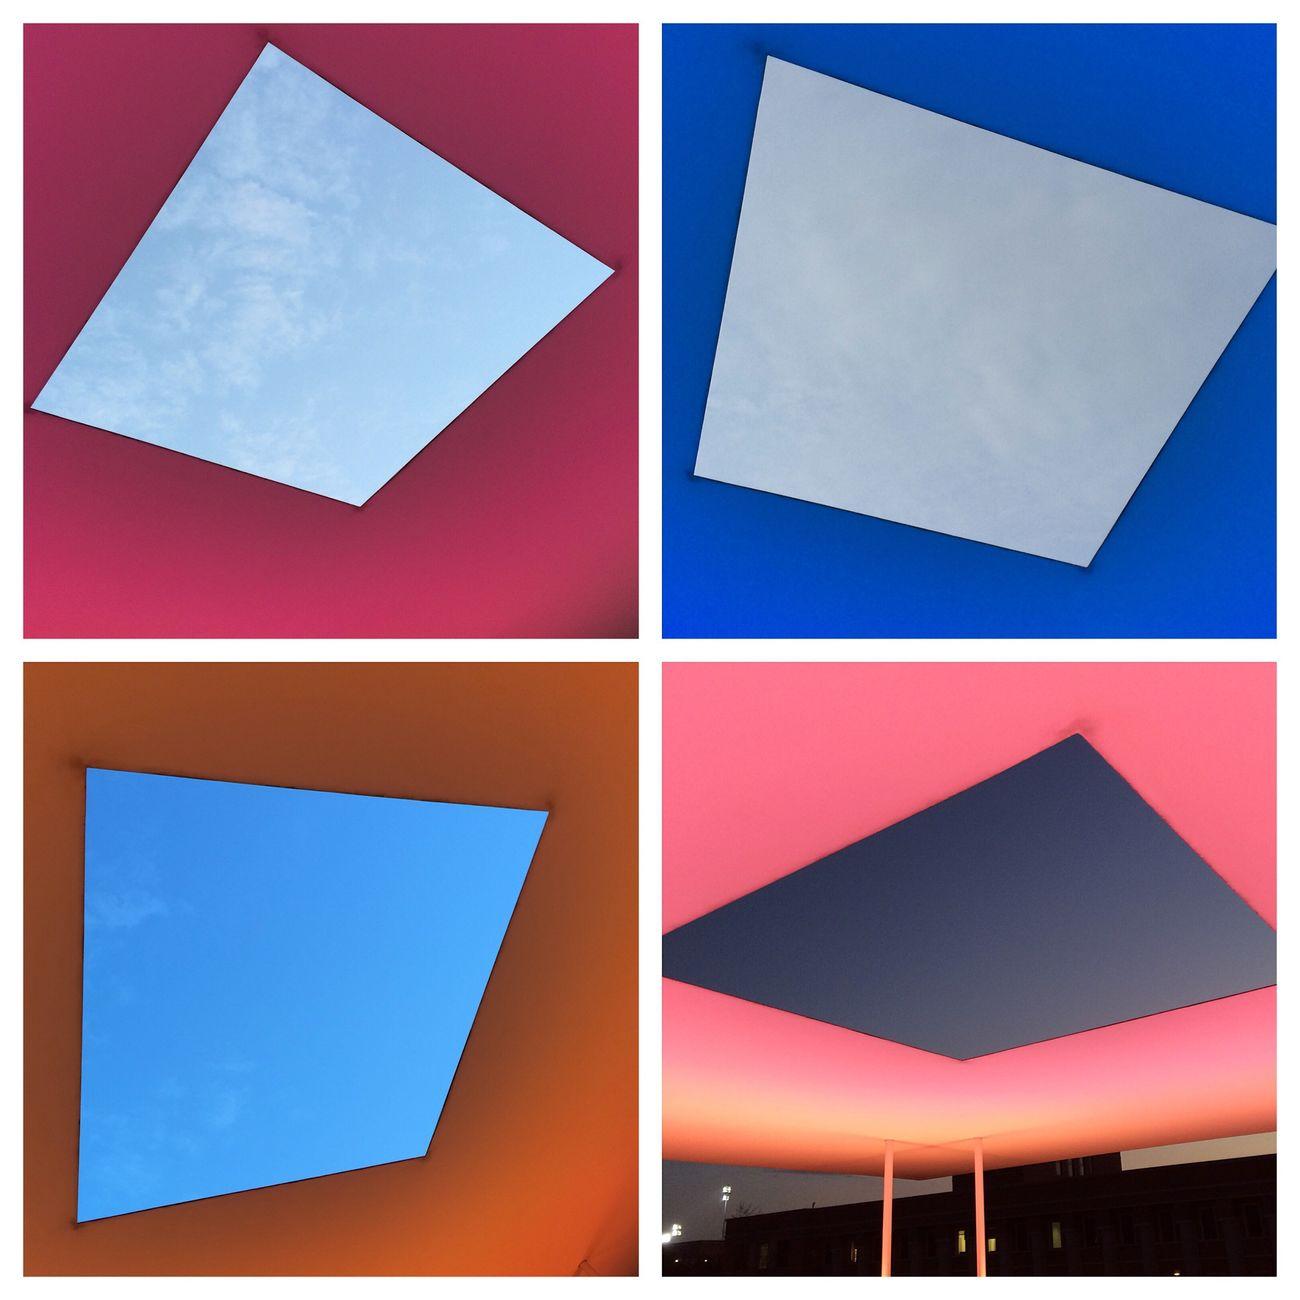 Houston Sunset James Turrell Skyspace James Turrell Rice University Houston Texas